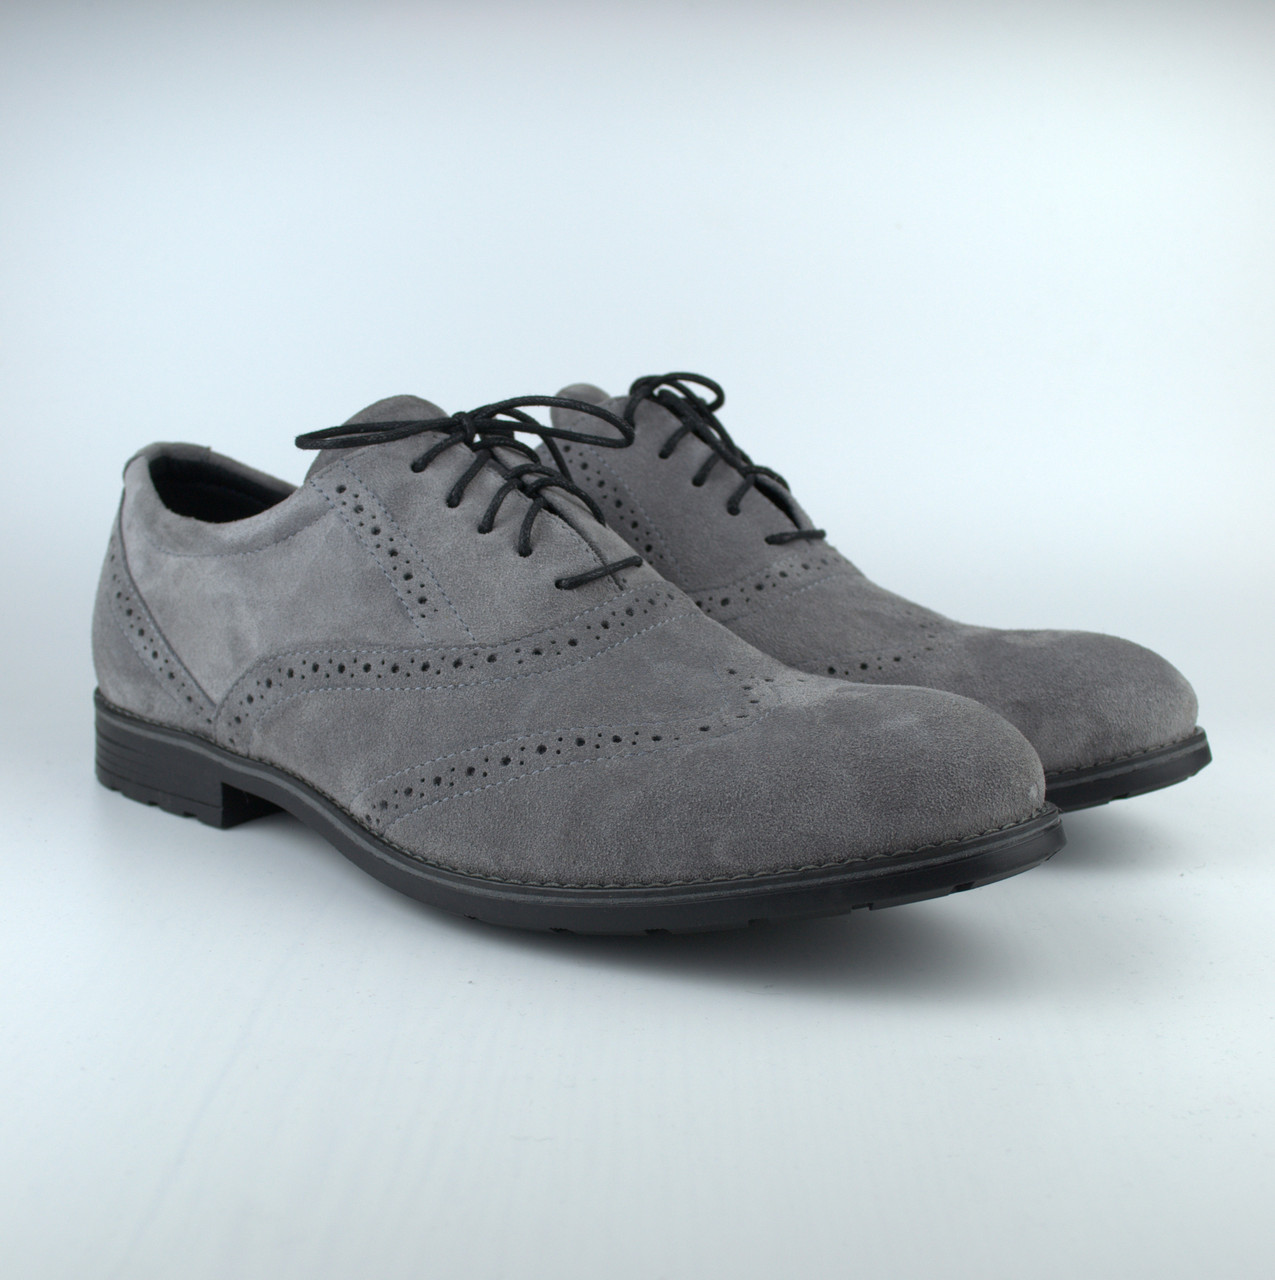 Туфлі броги оксфорди сірі чоловічі замшеві Rosso Avangard Felicete Persona Silver VeL